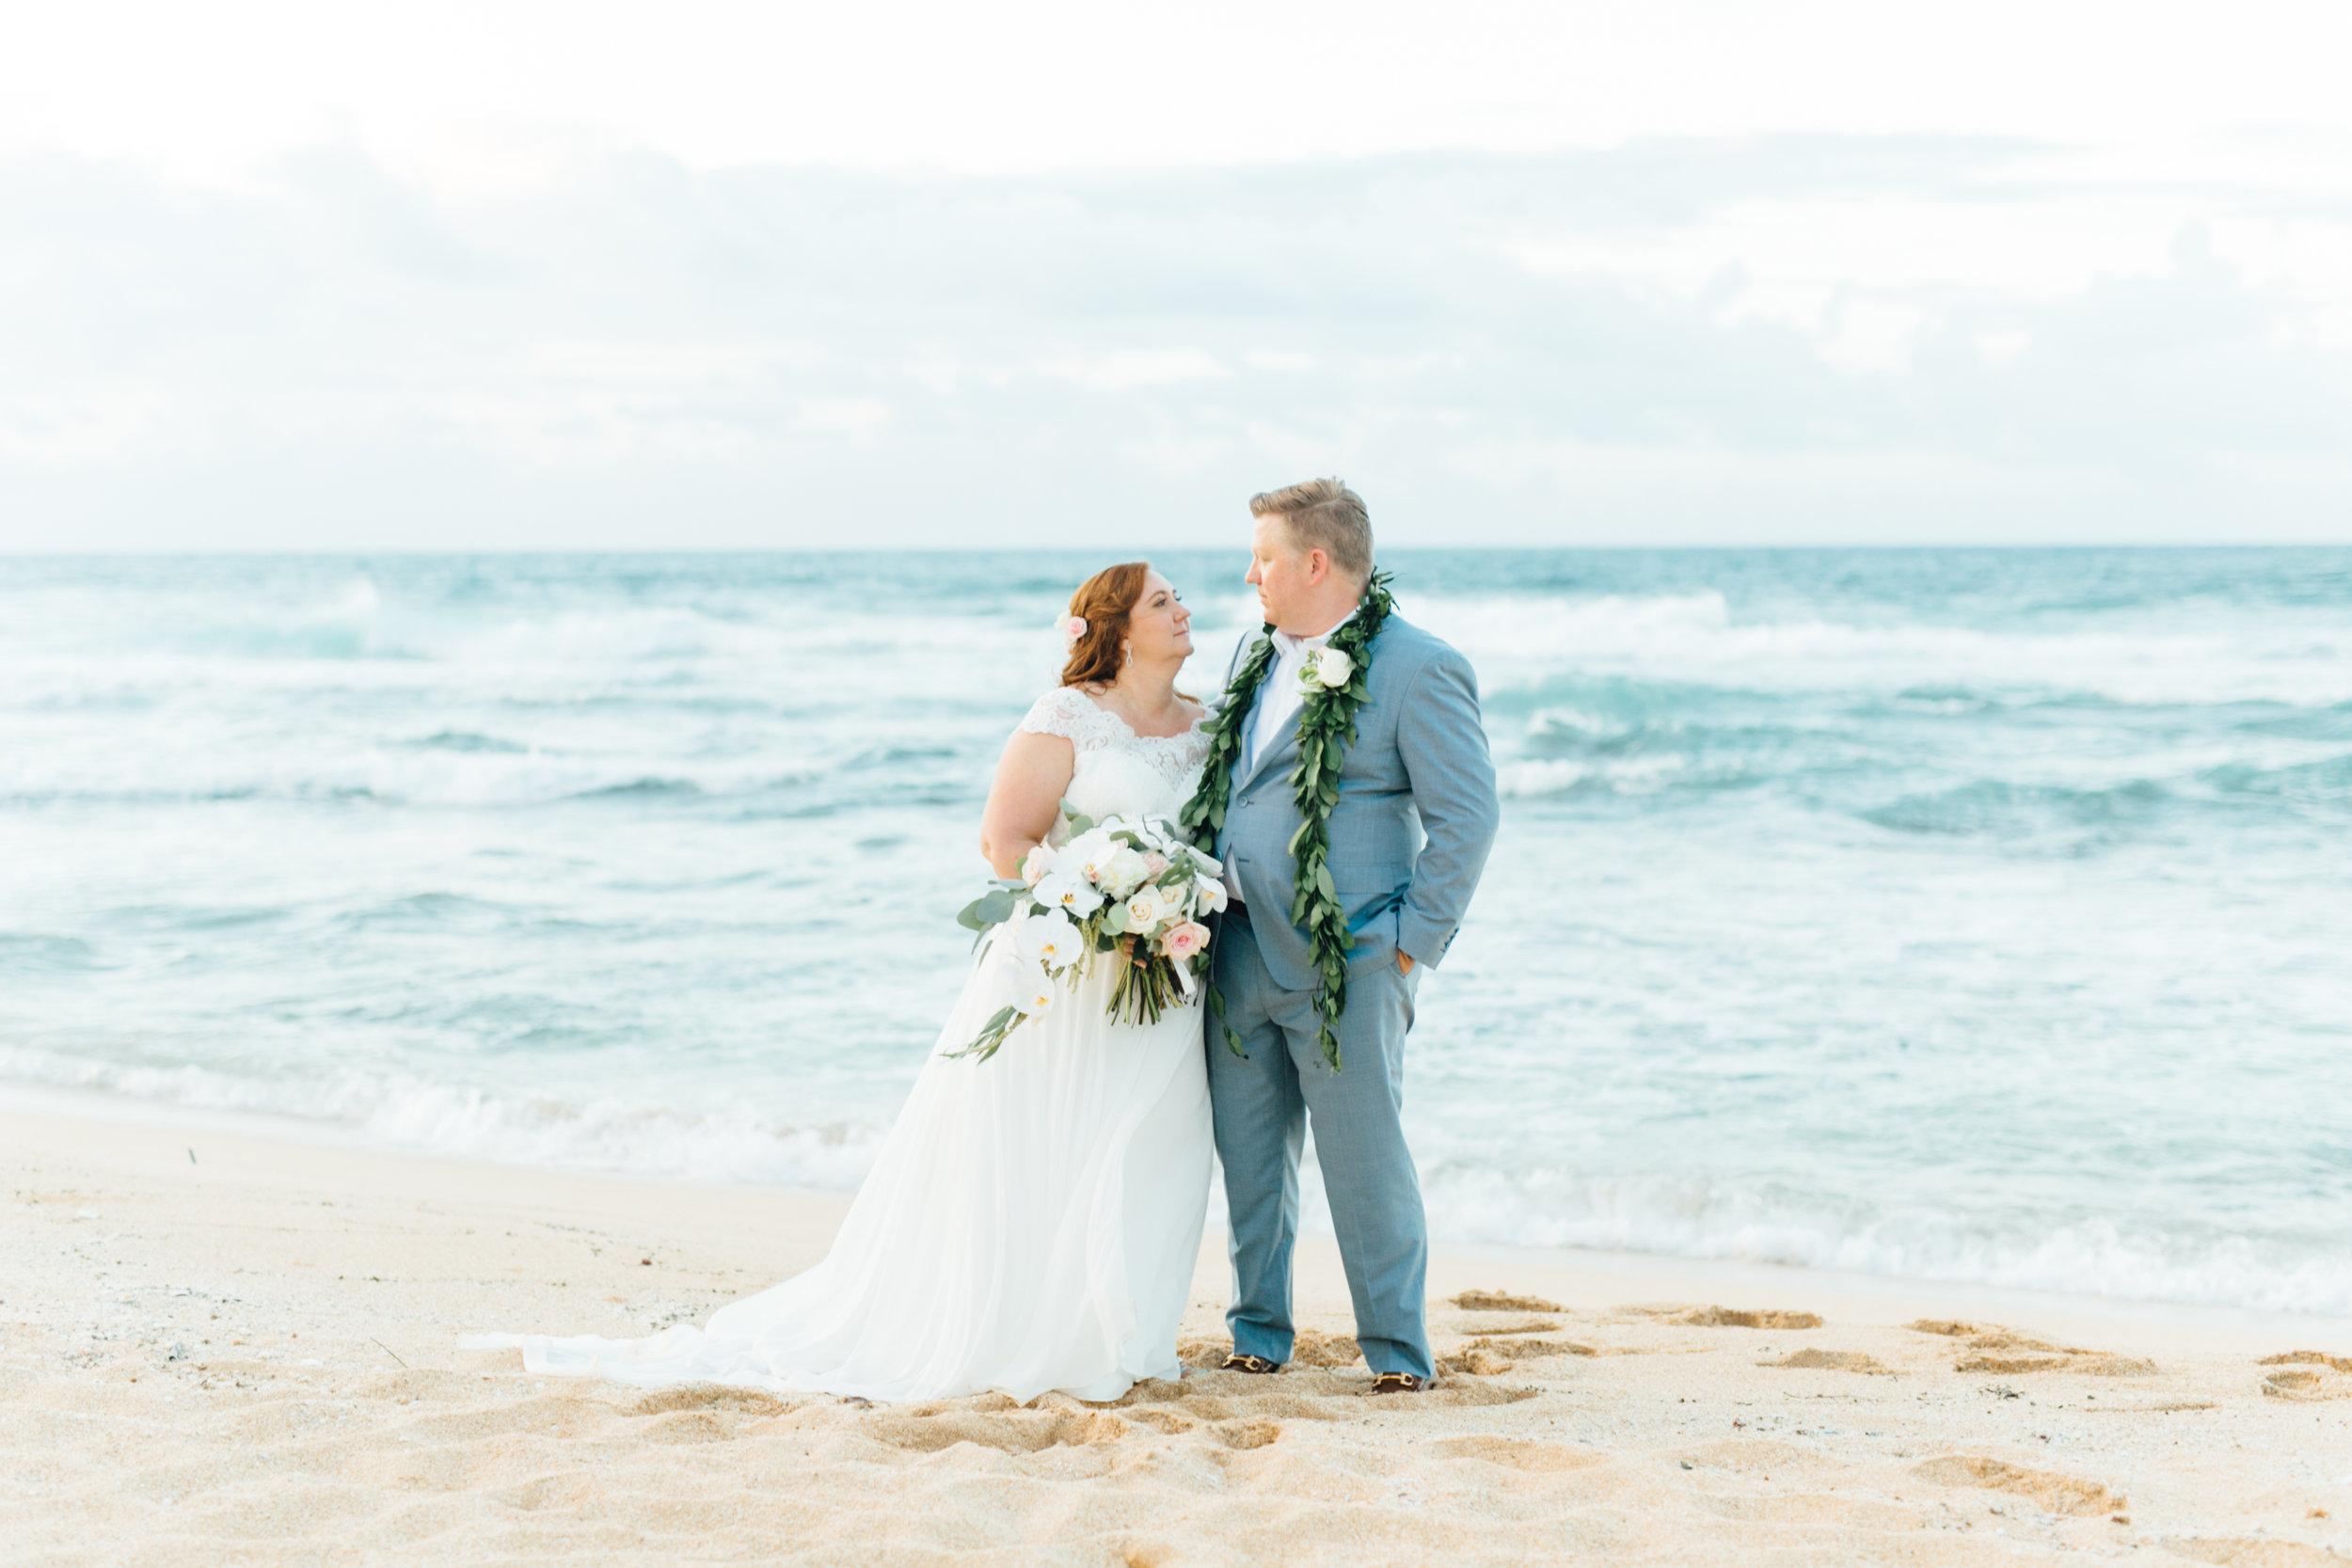 Doreen + JT, Kauai Island